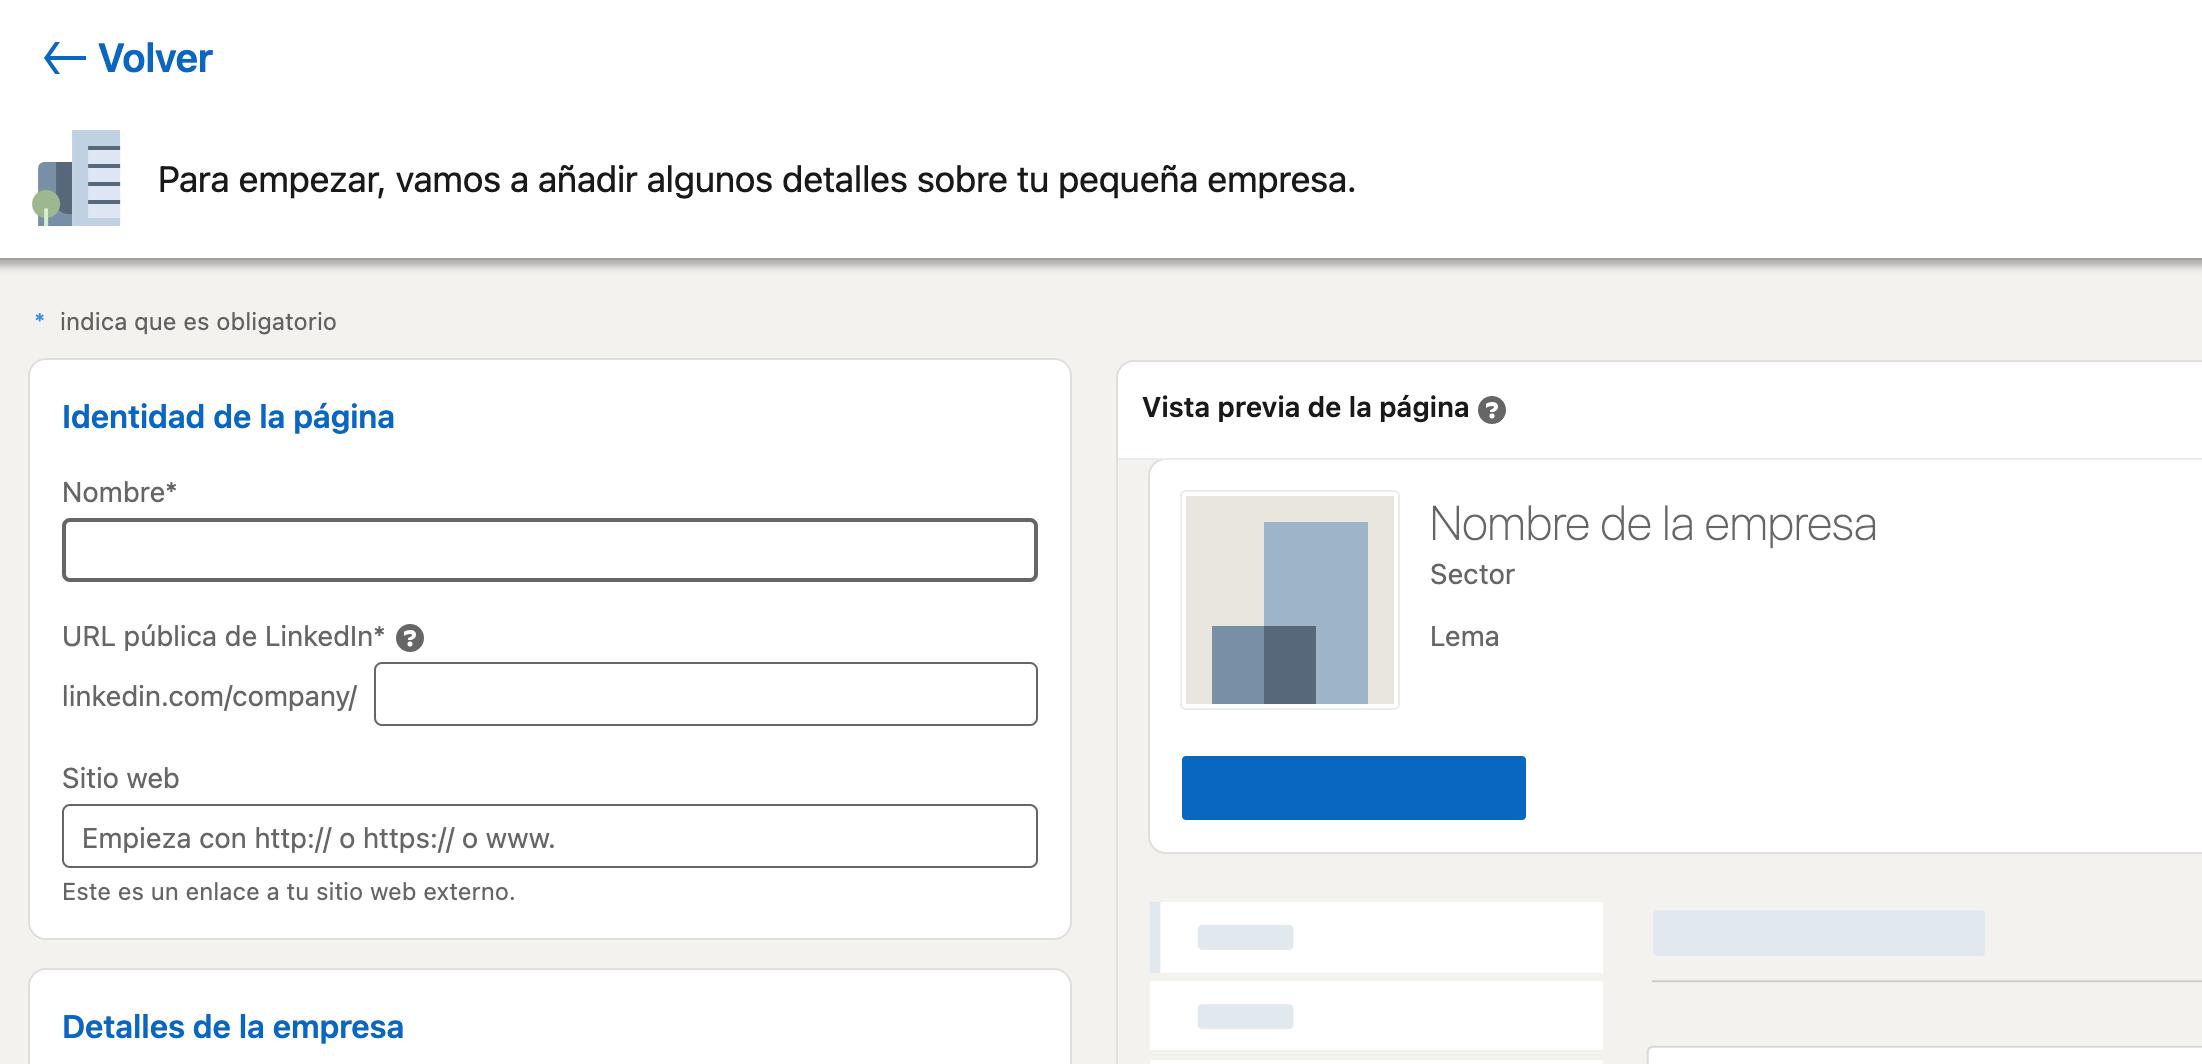 Cómo hacer un perfil de empresa en LinkedIn: agrega los datos relevantes de tu compañía